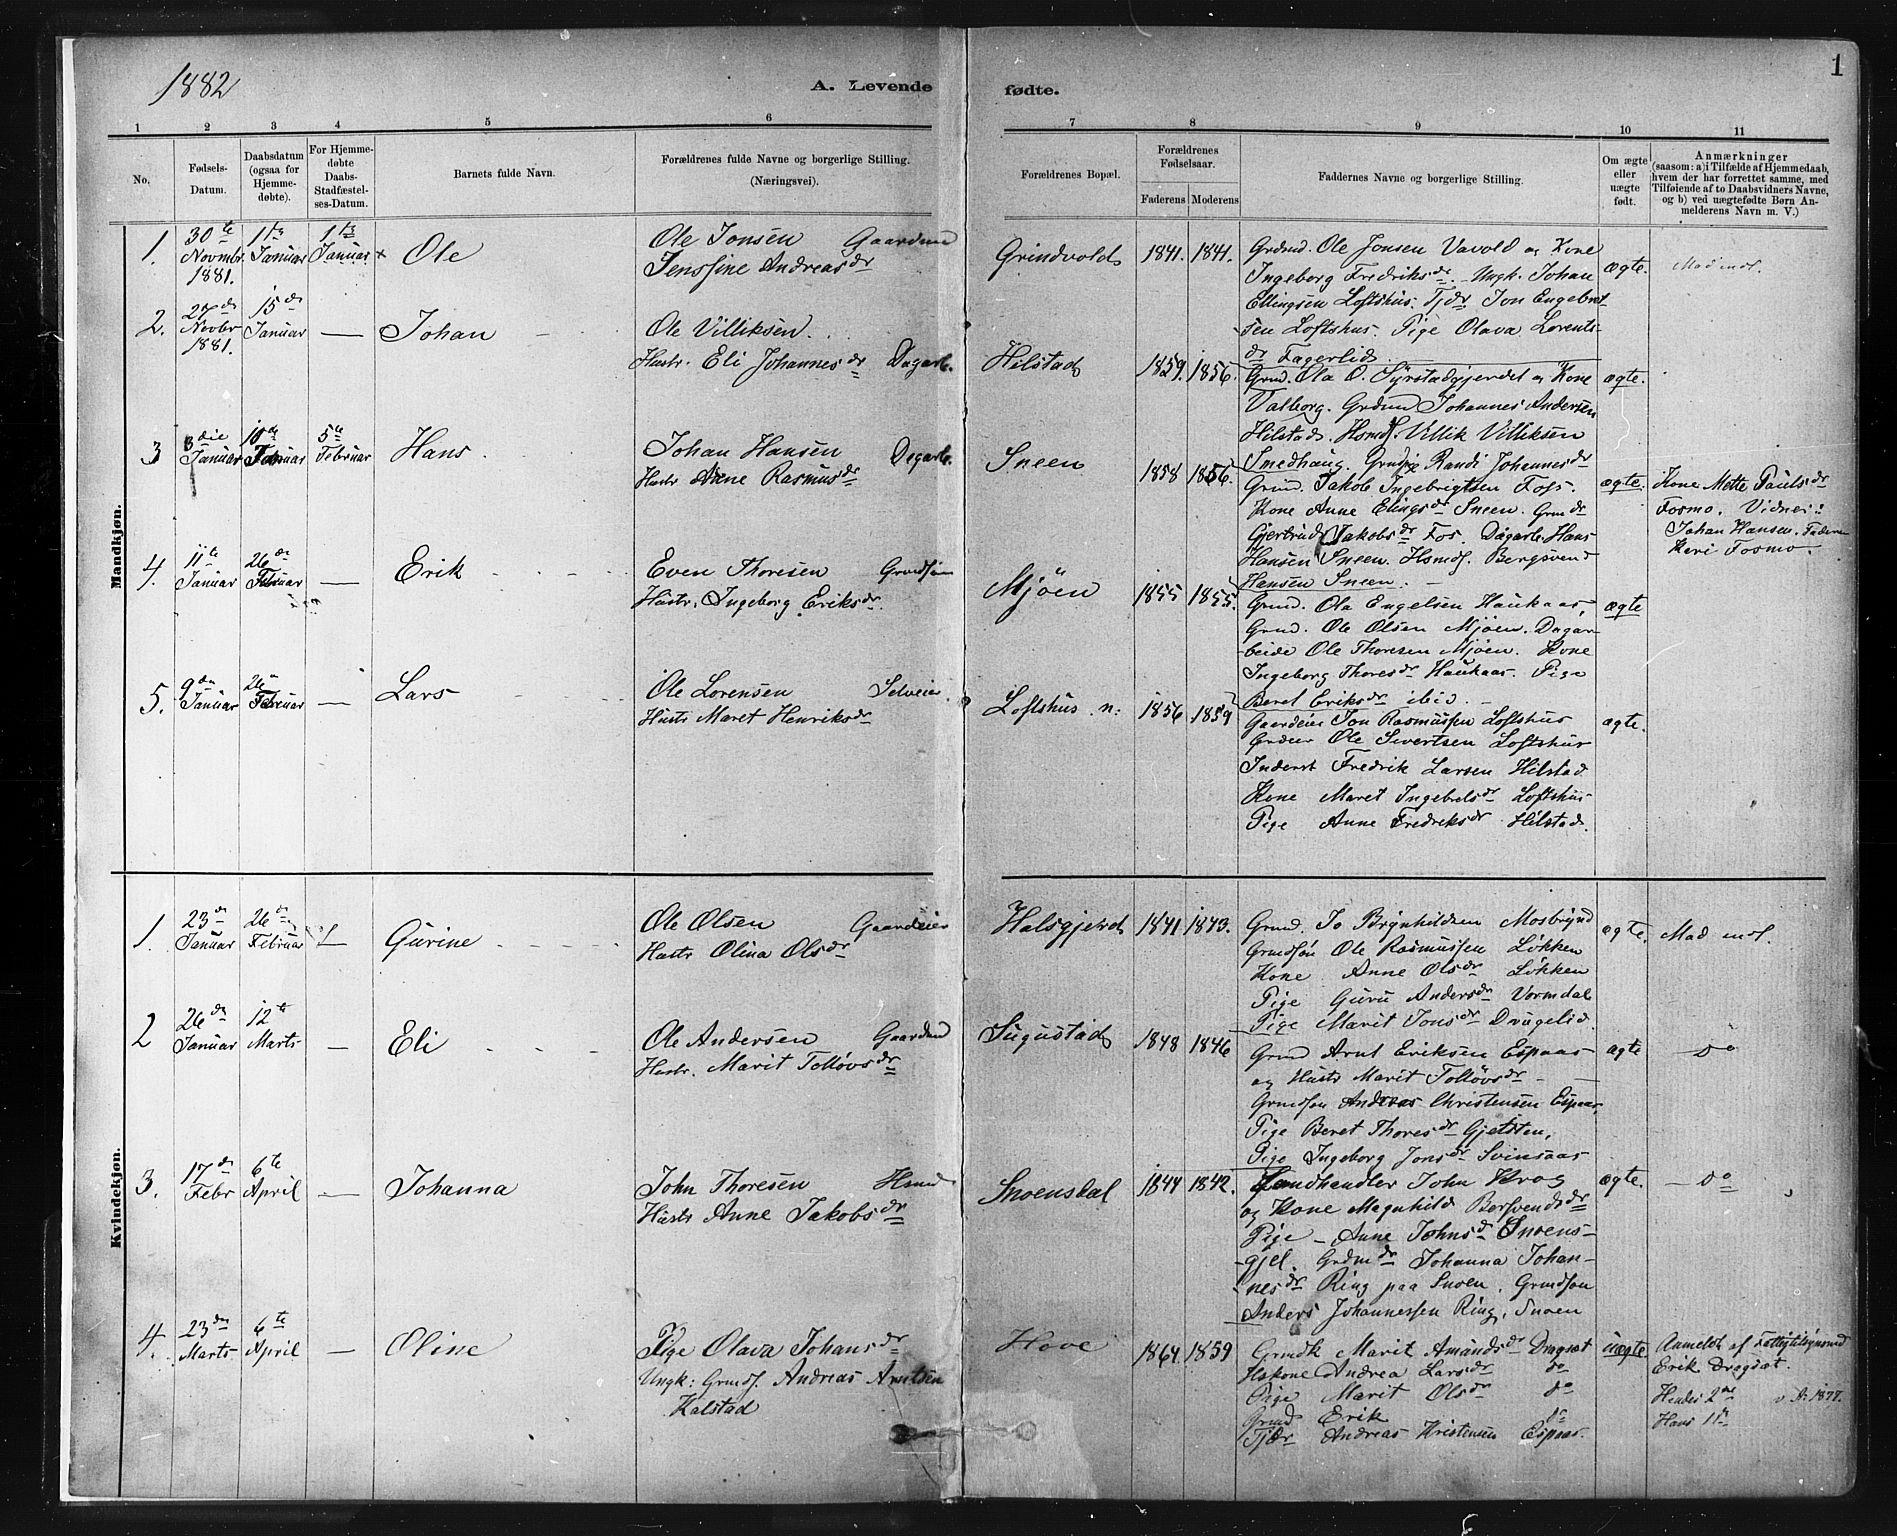 SAT, Ministerialprotokoller, klokkerbøker og fødselsregistre - Sør-Trøndelag, 672/L0857: Ministerialbok nr. 672A09, 1882-1893, s. 1